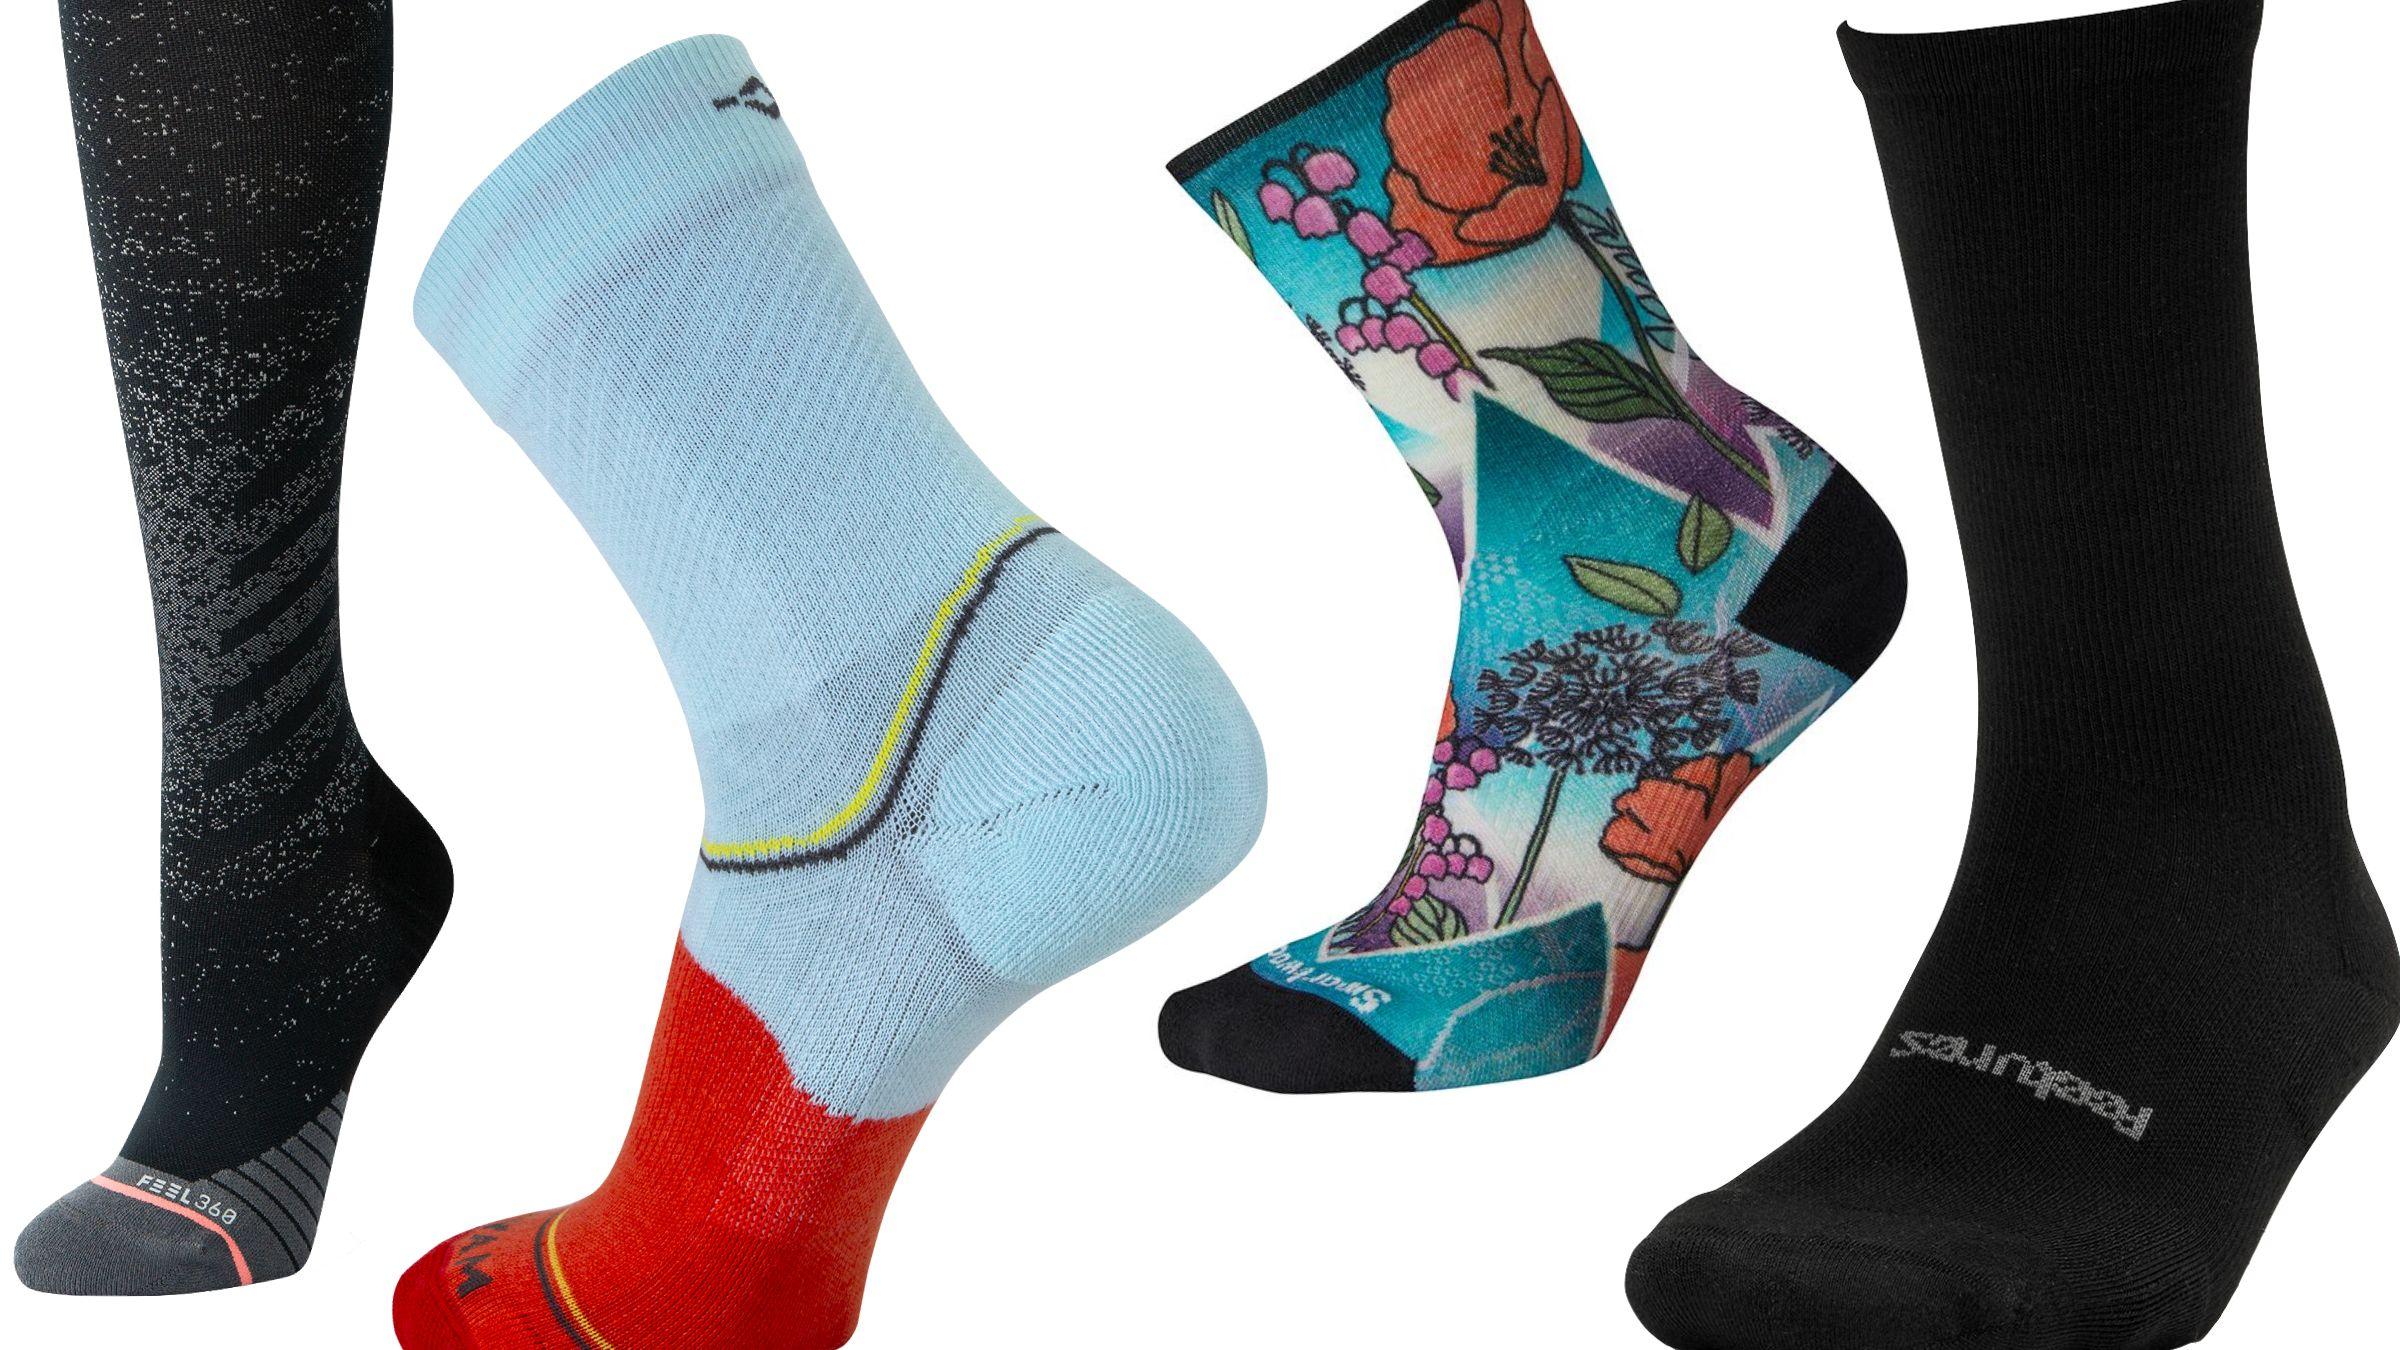 The 10 Best Trail-Running Socks - Women